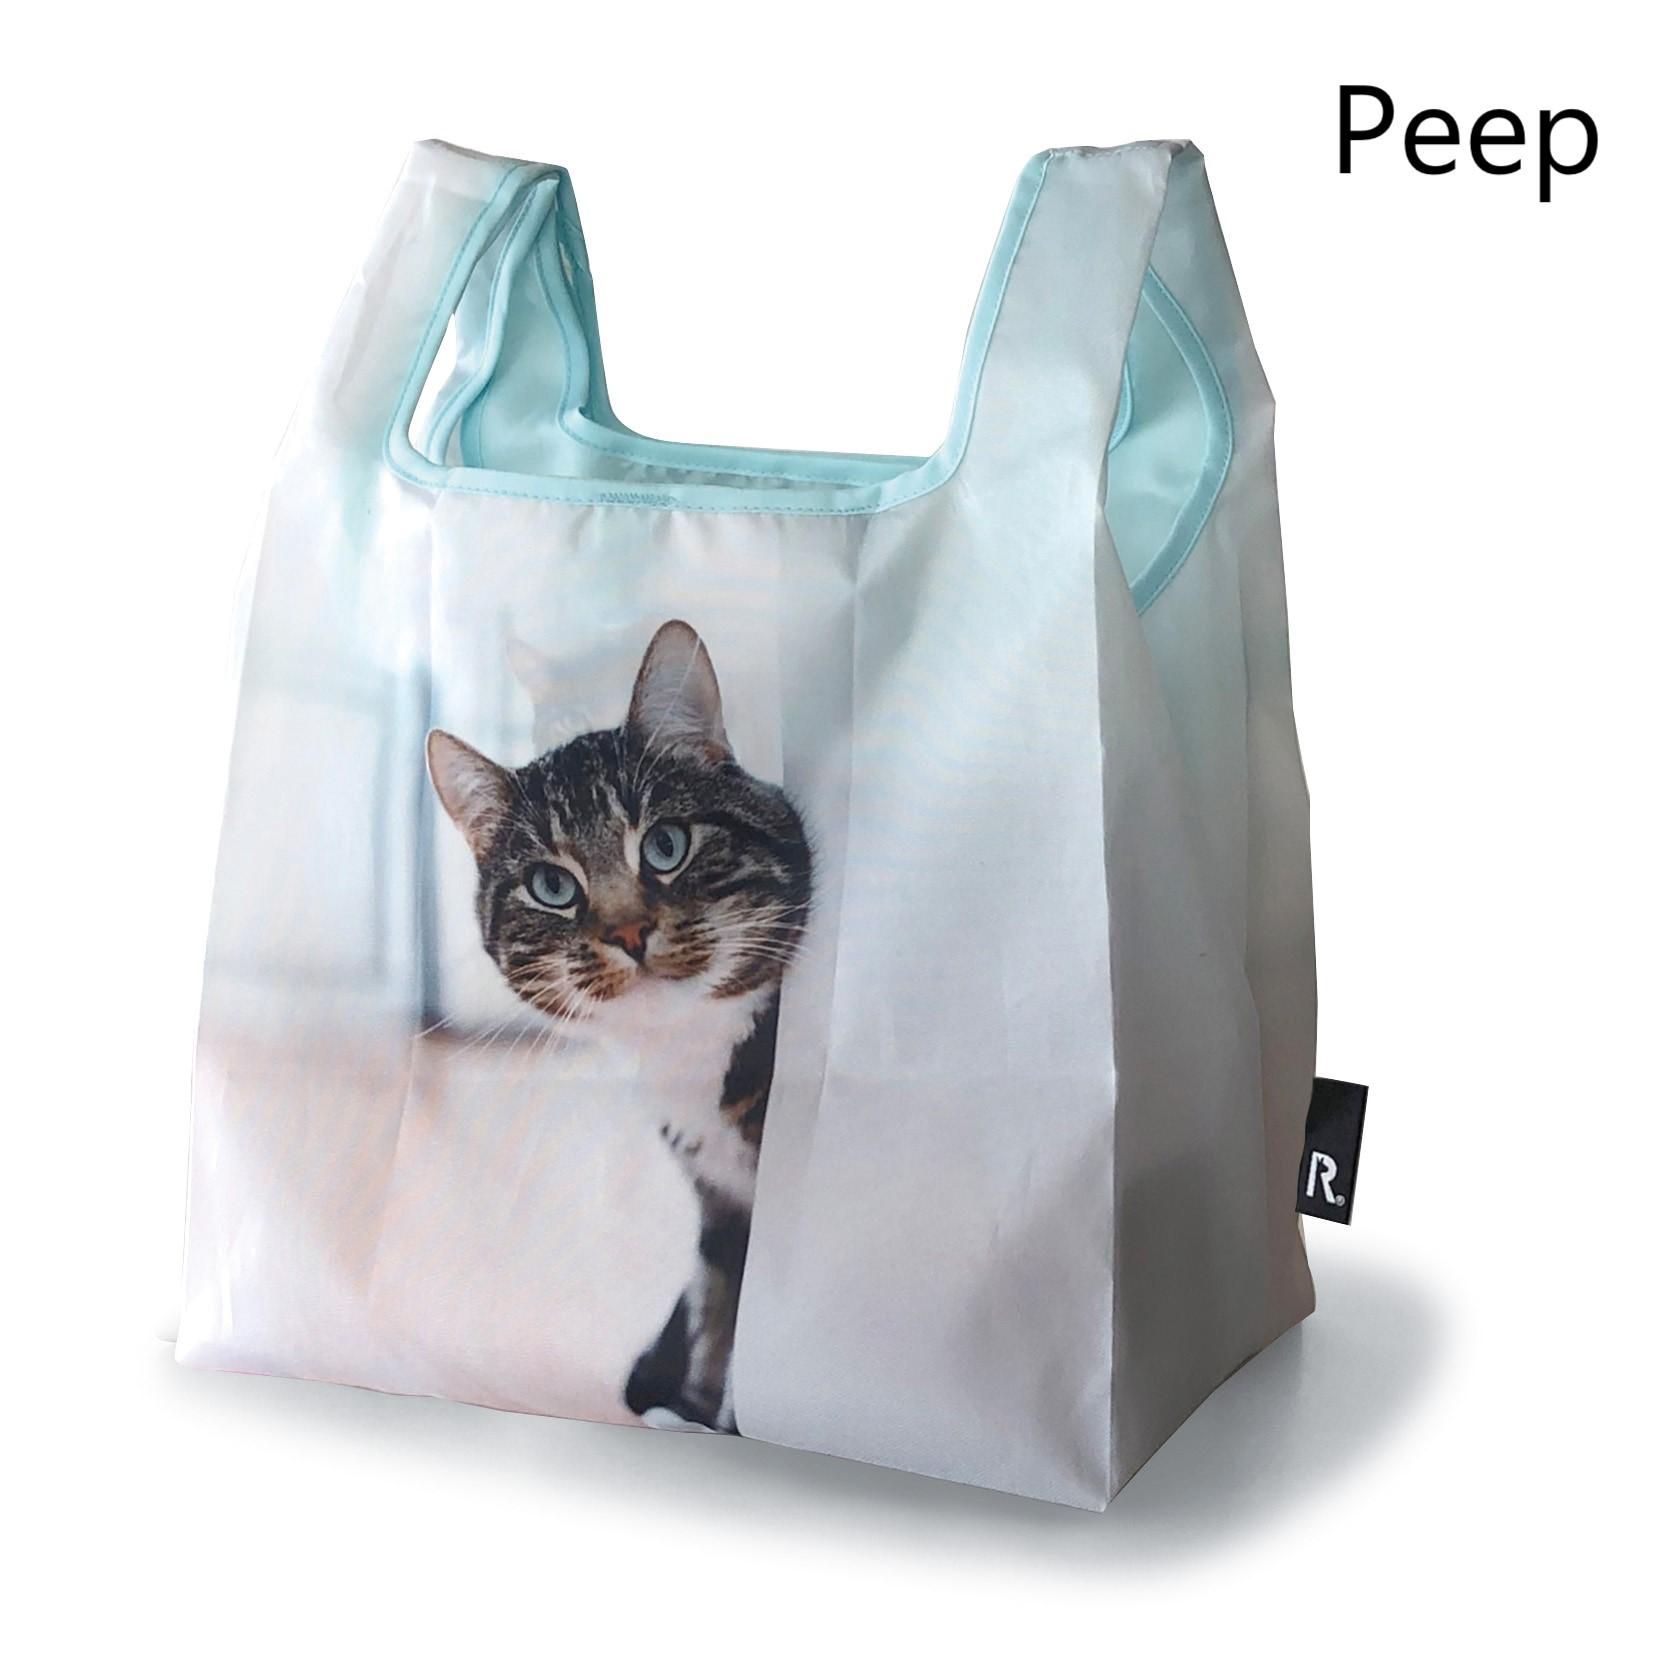 ルーショッパー mid Lifty (フォトB)Peep